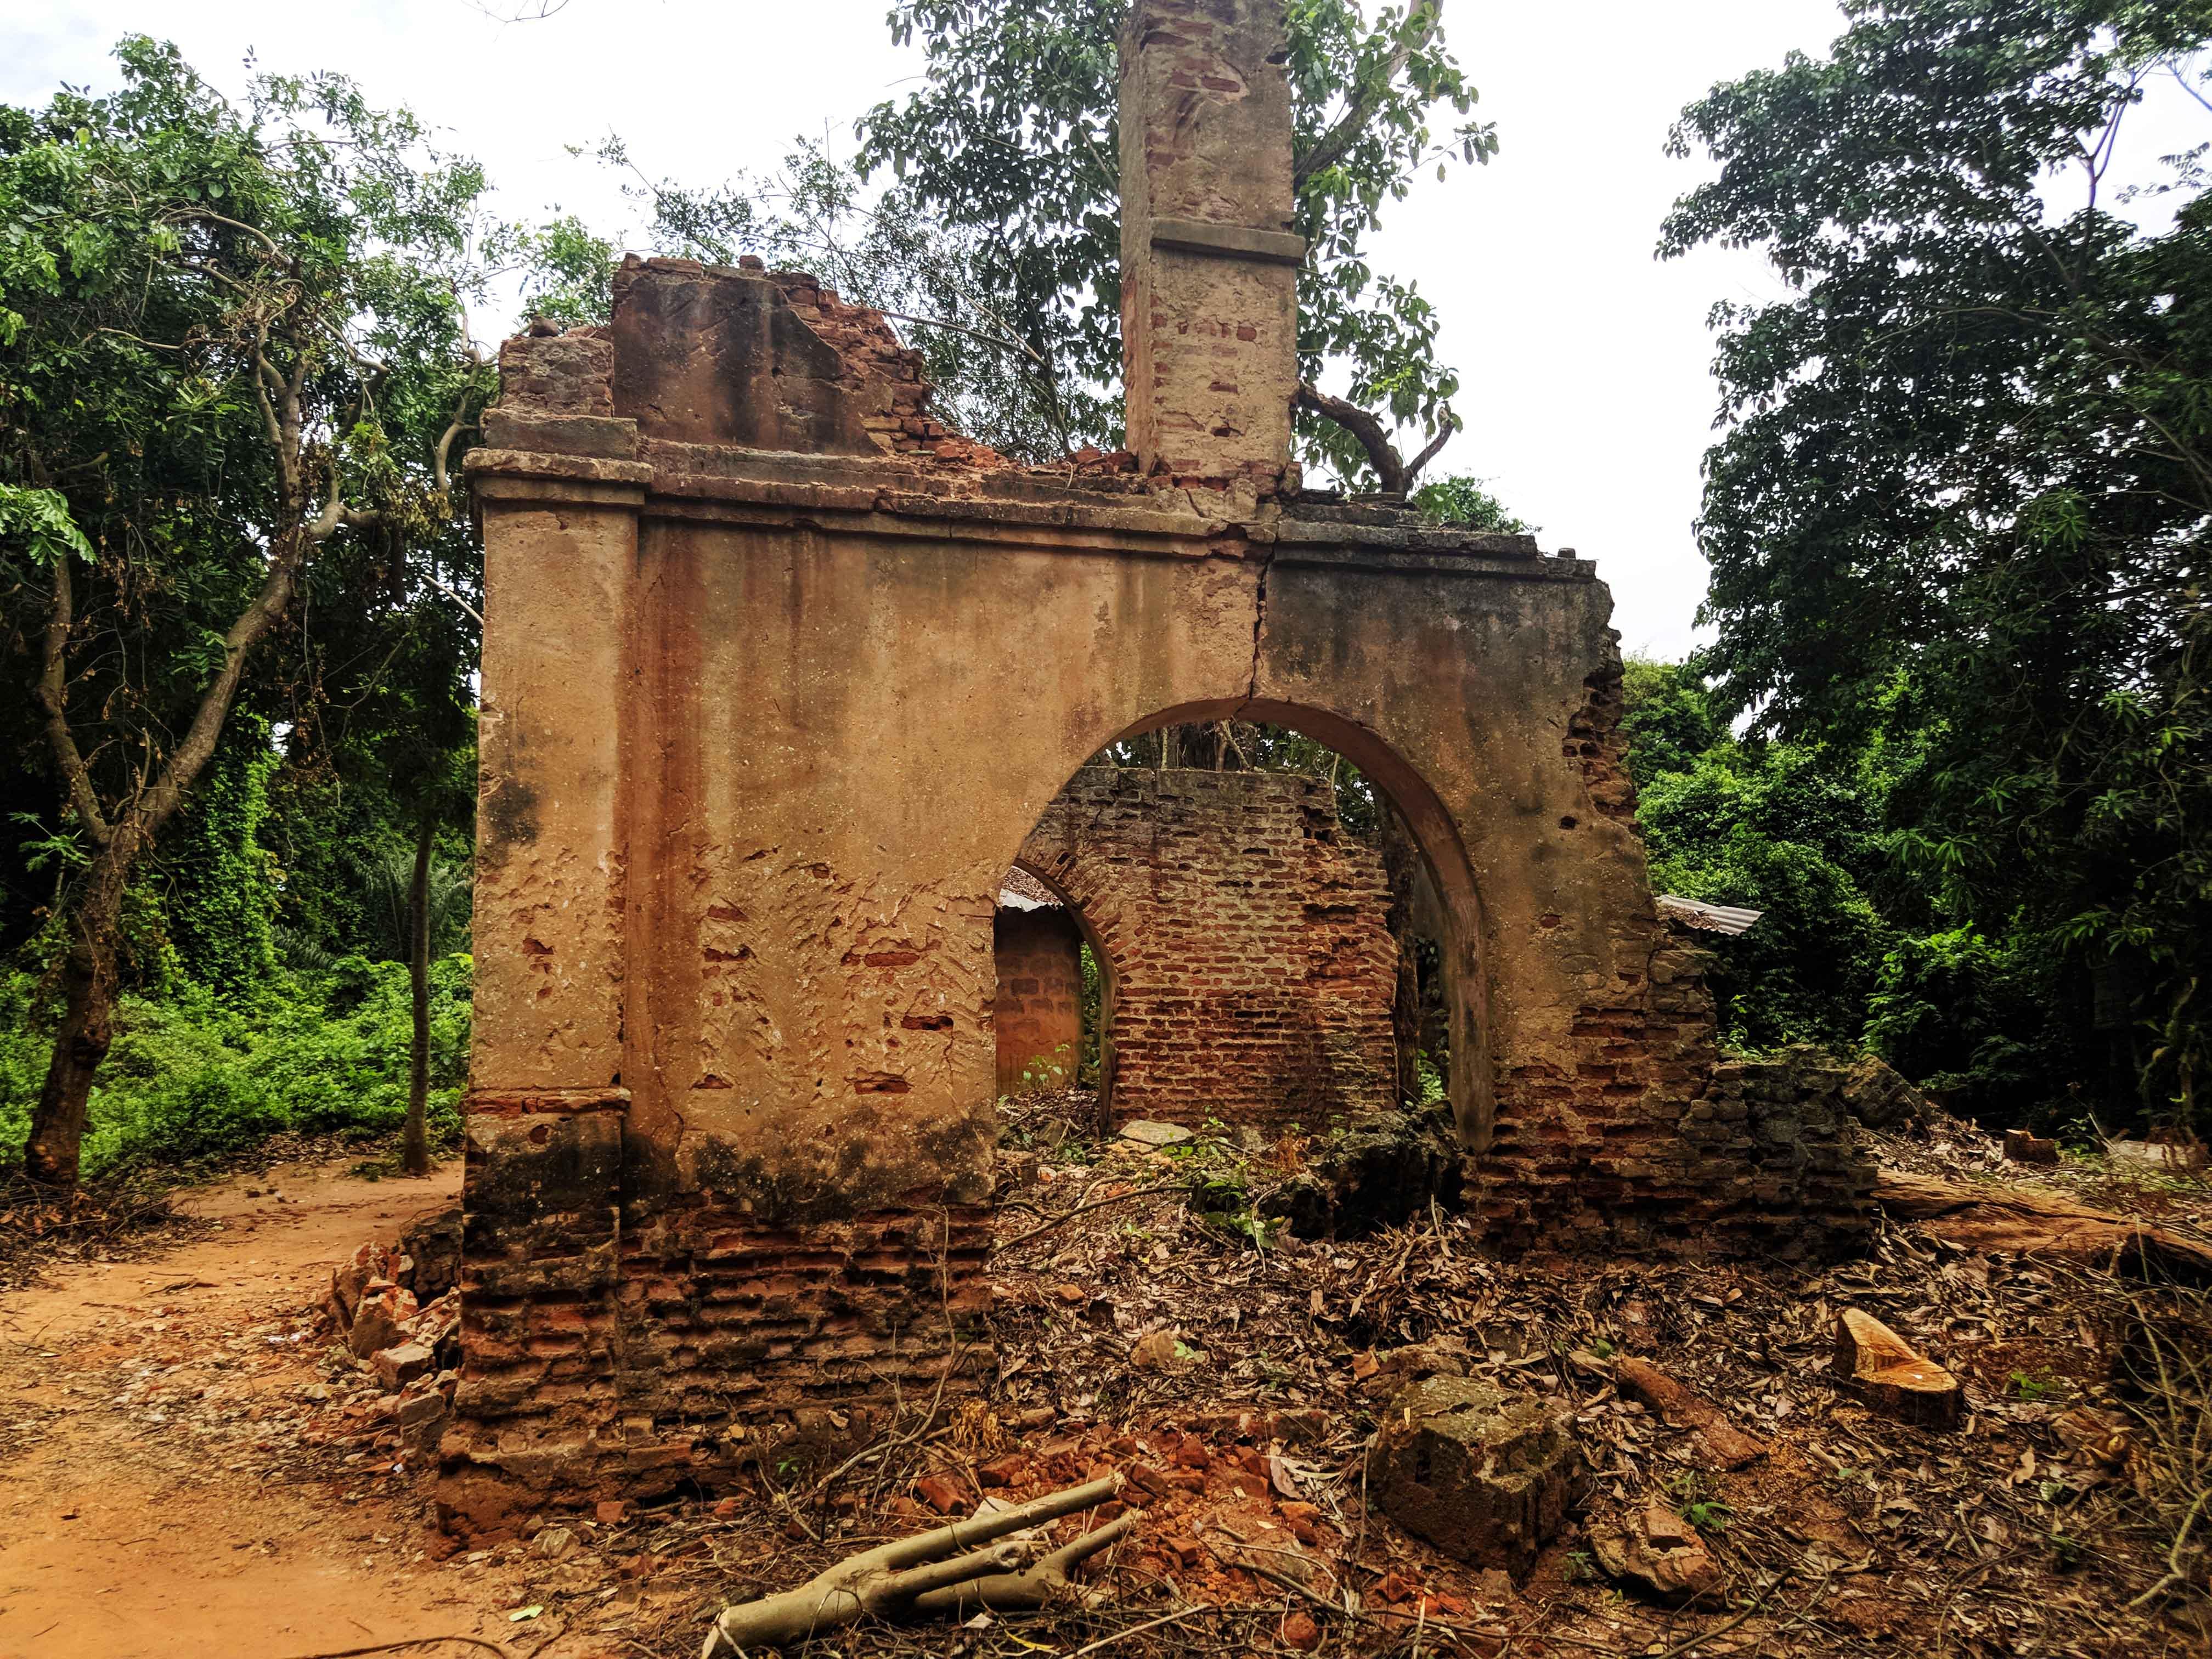 Floresta Sagrada em Ouidah